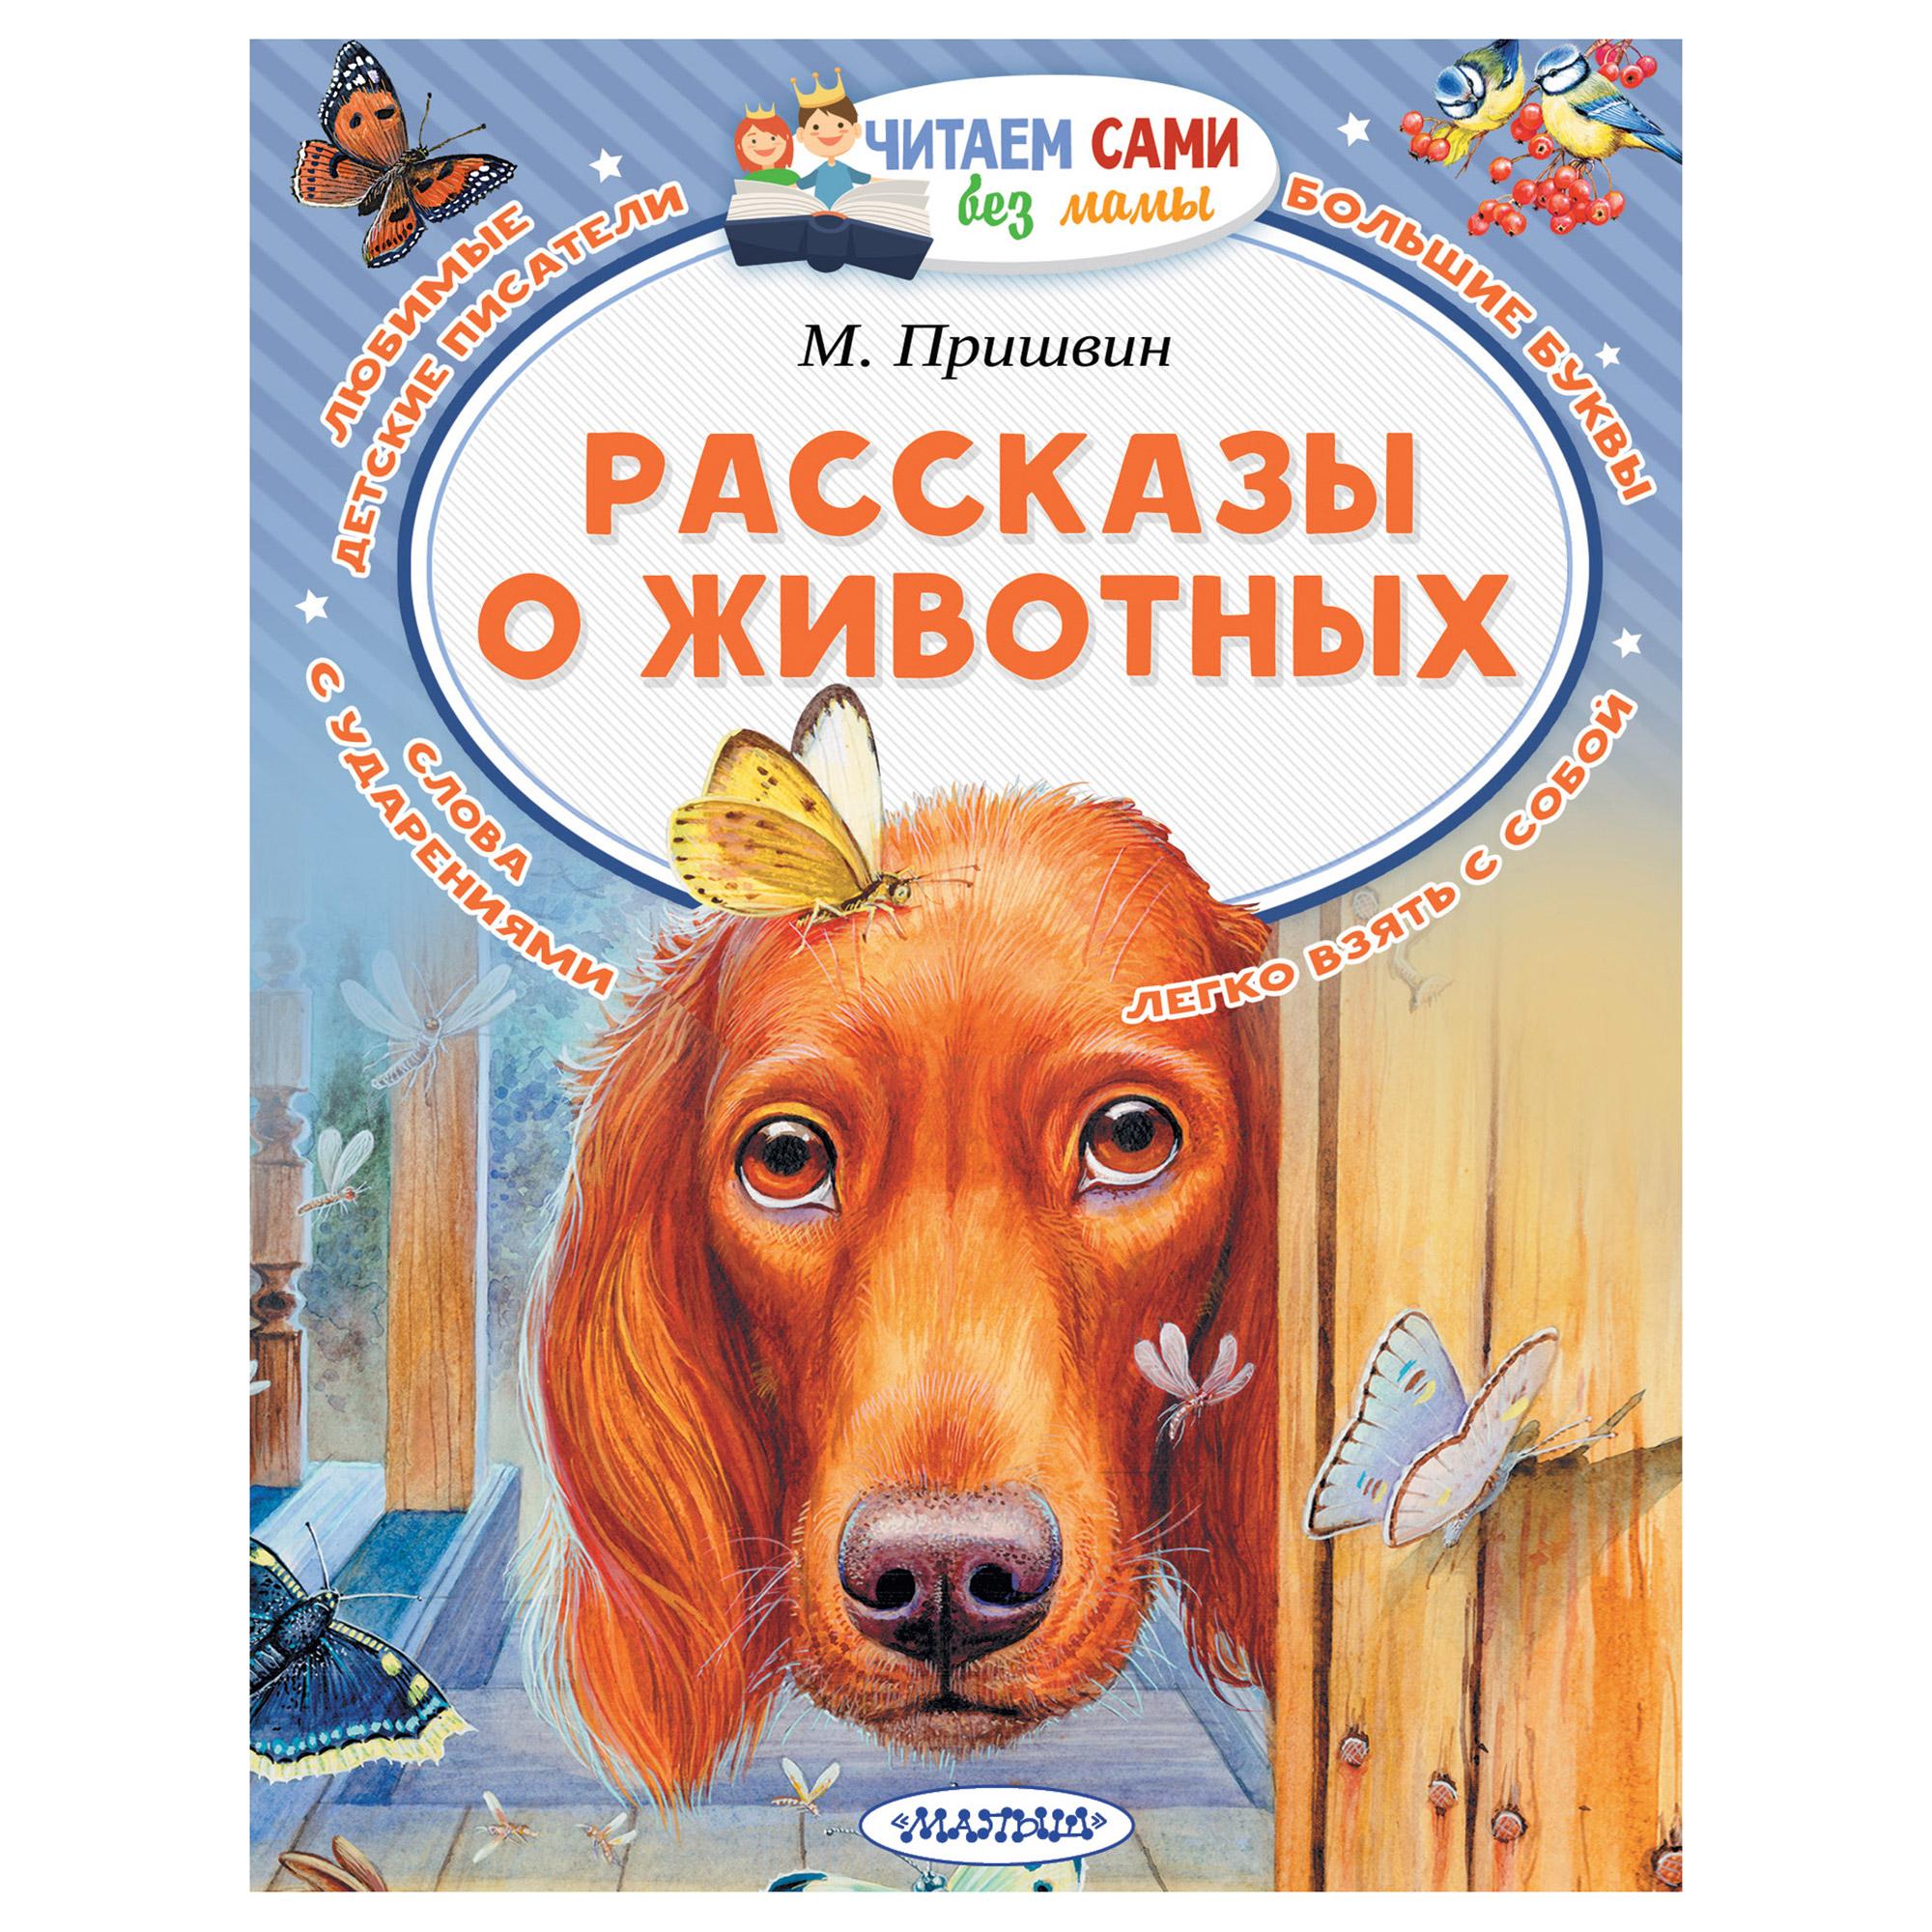 Книга АСТ Рассказы о животных,  - купить со скидкой